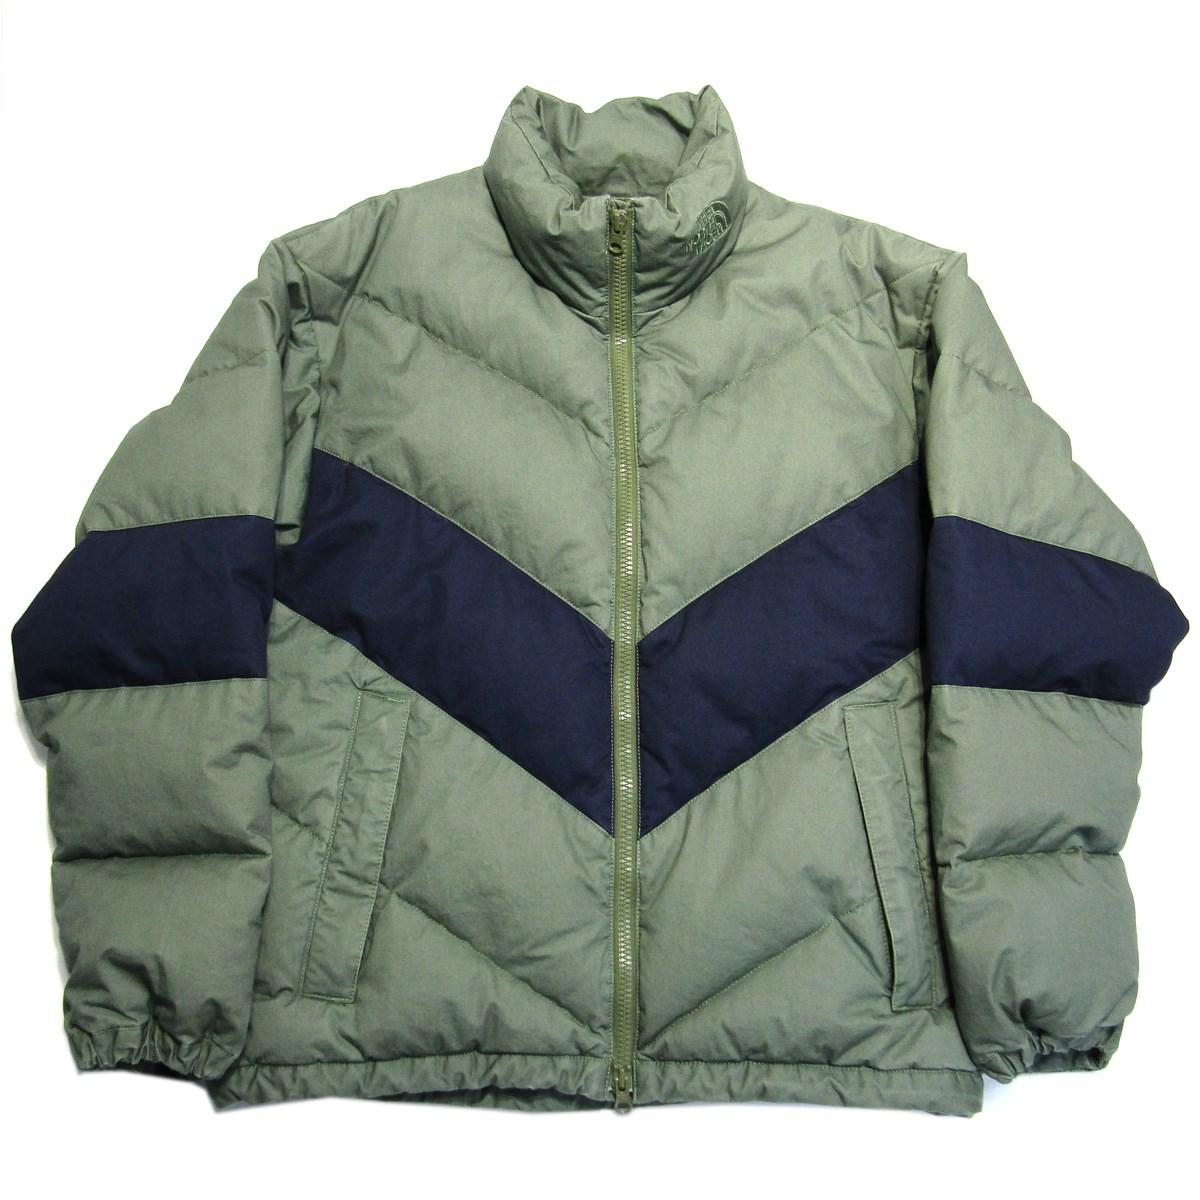 【中古】THE NORTH FACE PURPLE LABEL Cotton Down Jacket ダウンジャケット カーキ×ネイビー サイズ:S 【200220】(ザノースフェイス パープルレーベル)